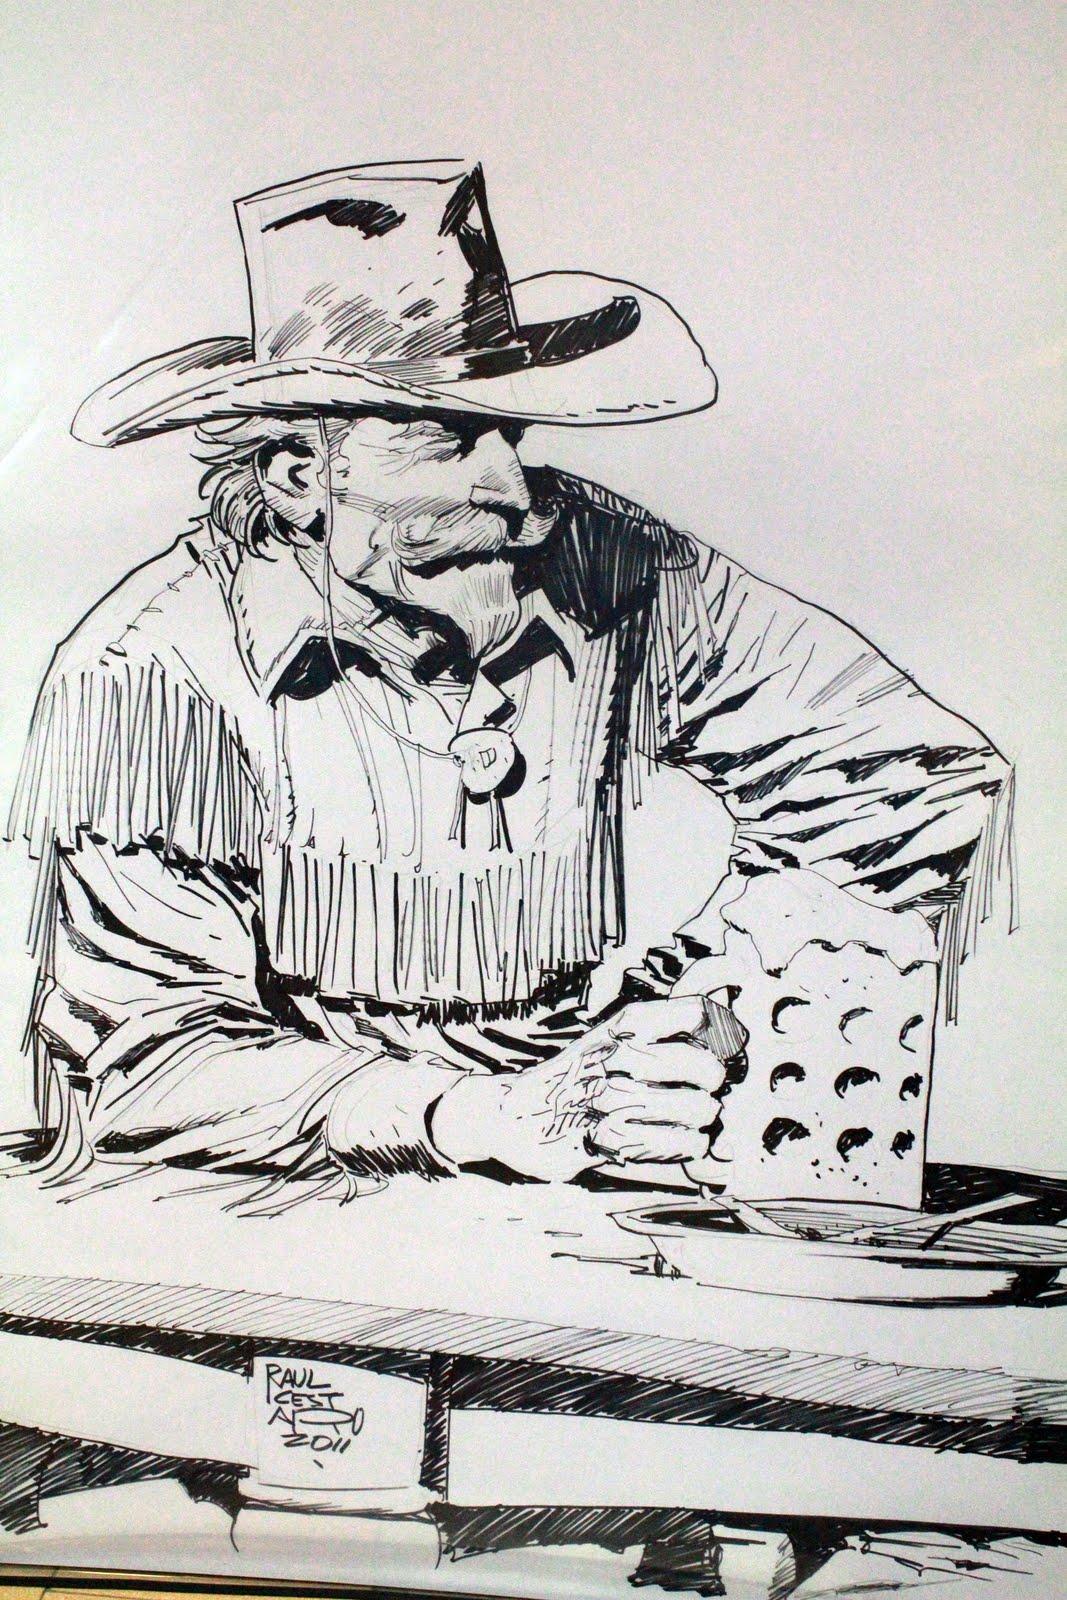 Tex - Kit Carson, ispirato all'esploratore statunitense omonimo realmente esistito